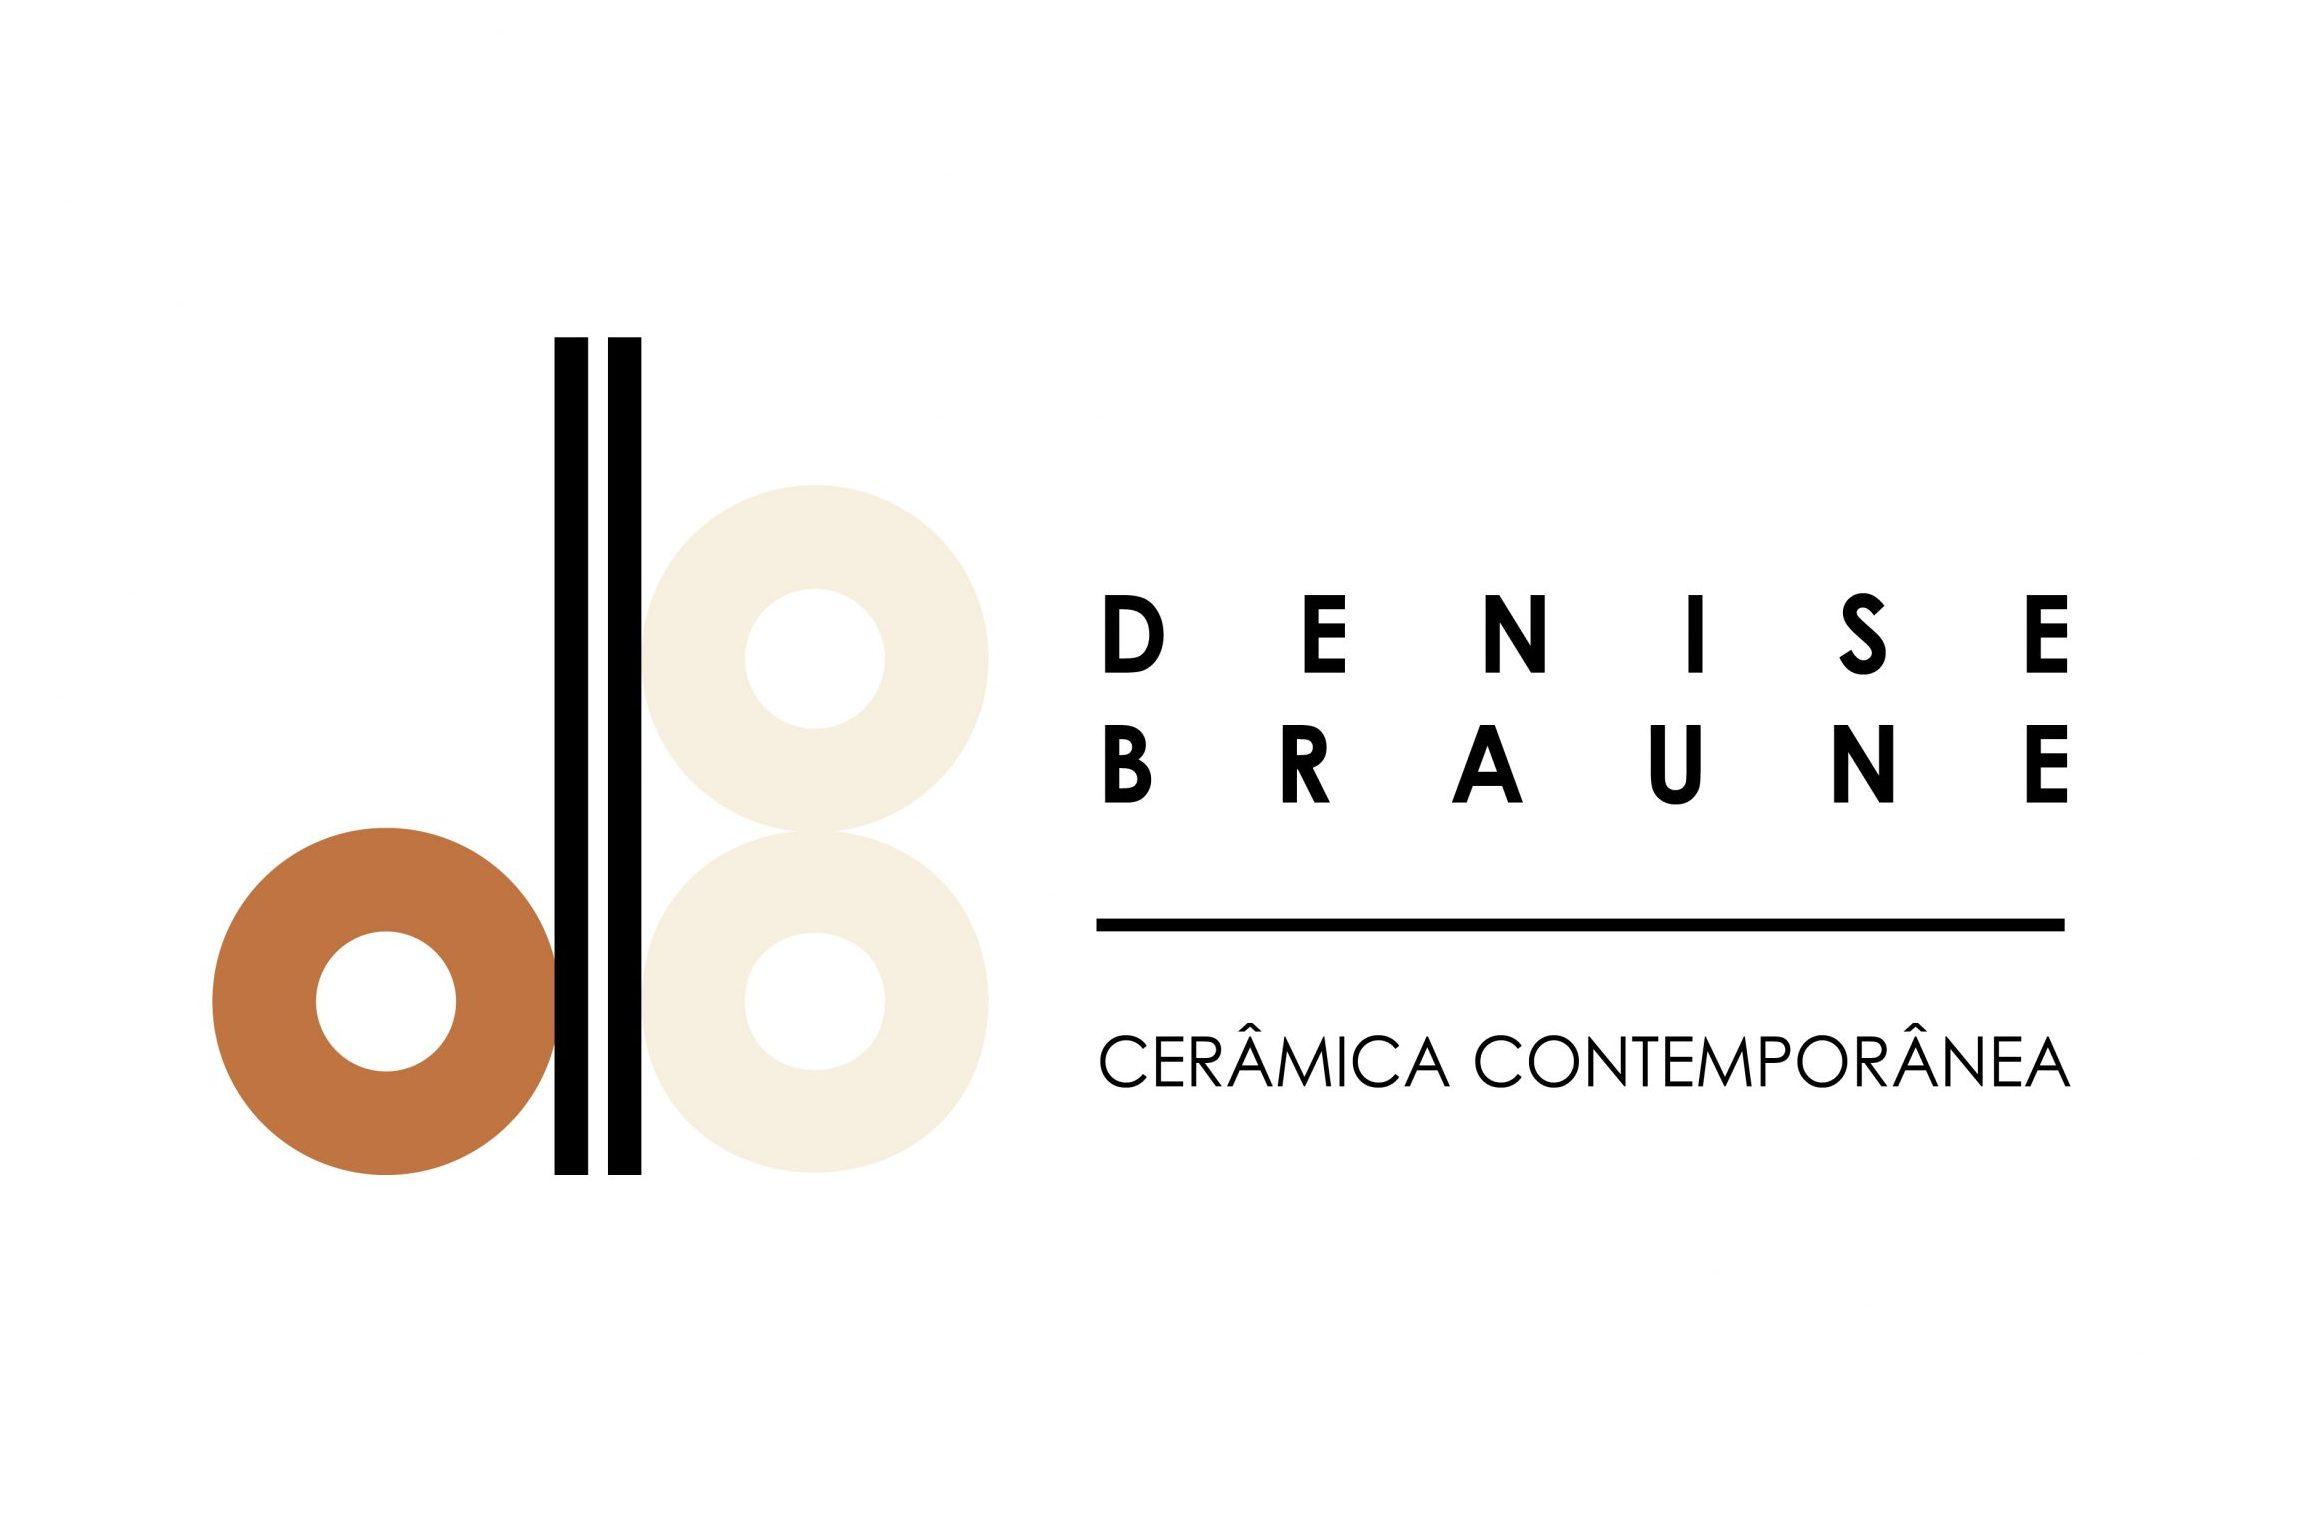 Associado ABUP - DENISE BRAUNE CERÂMICA CONTEMPORÂNEA